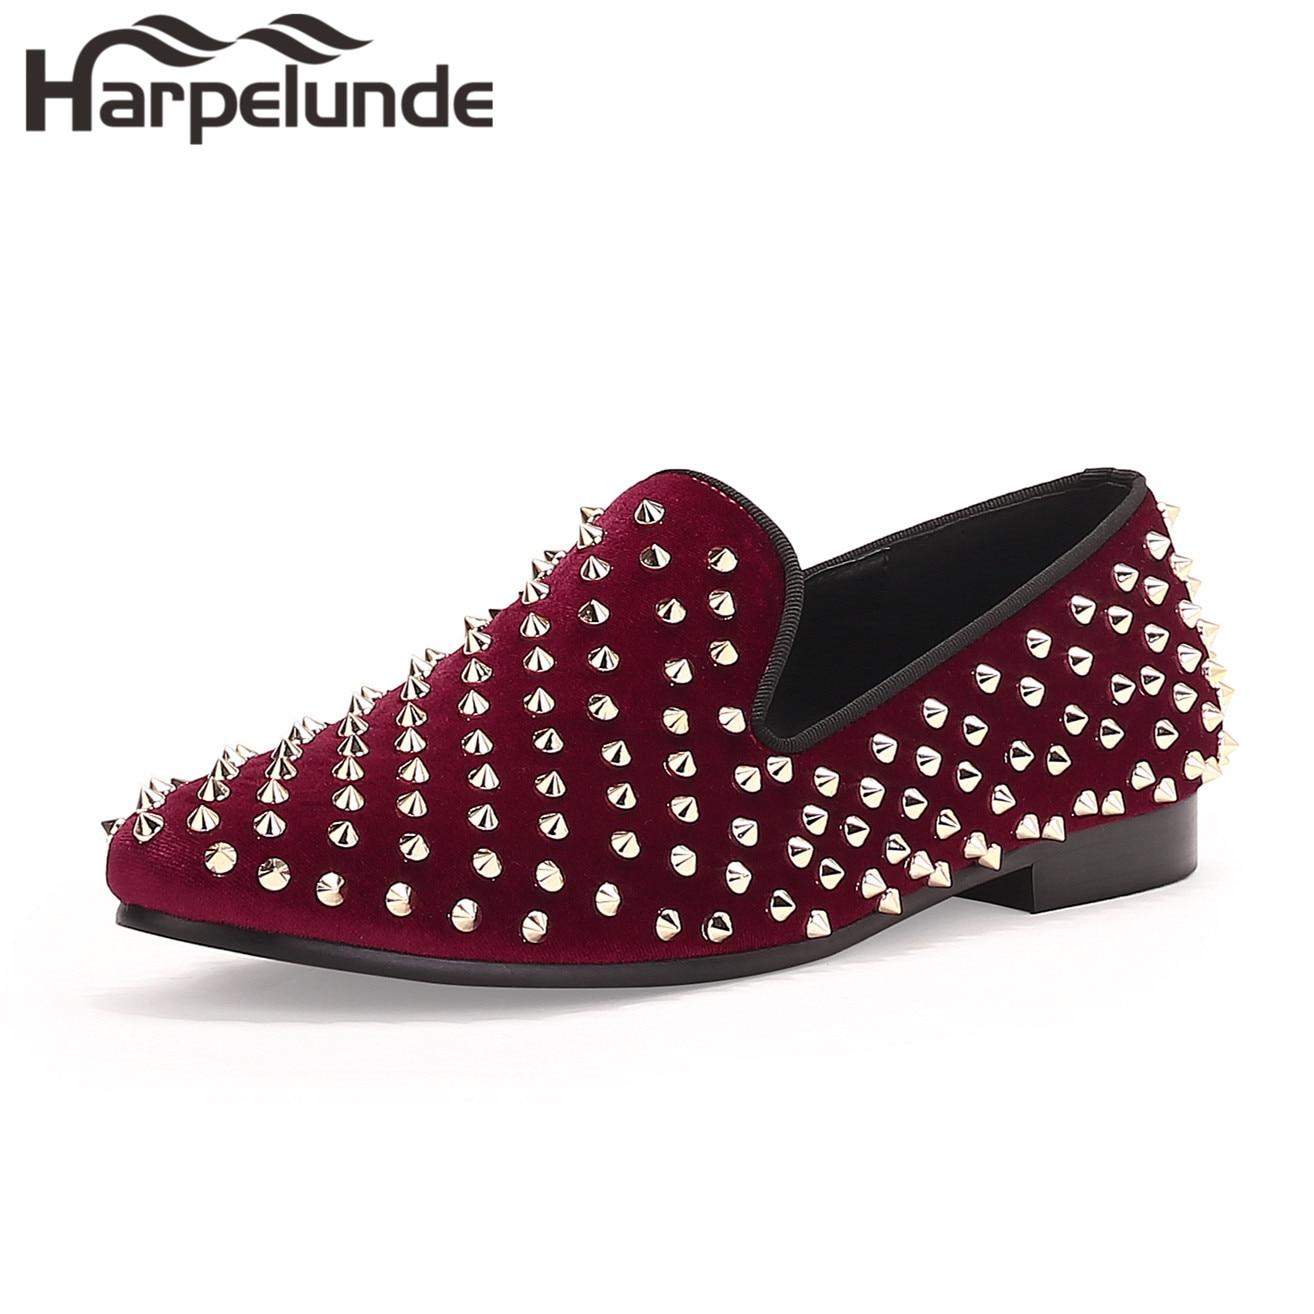 Harpelunde Män Red Velvet Loafers Handgjorda Spikes Flats Skor Storlek 6-14